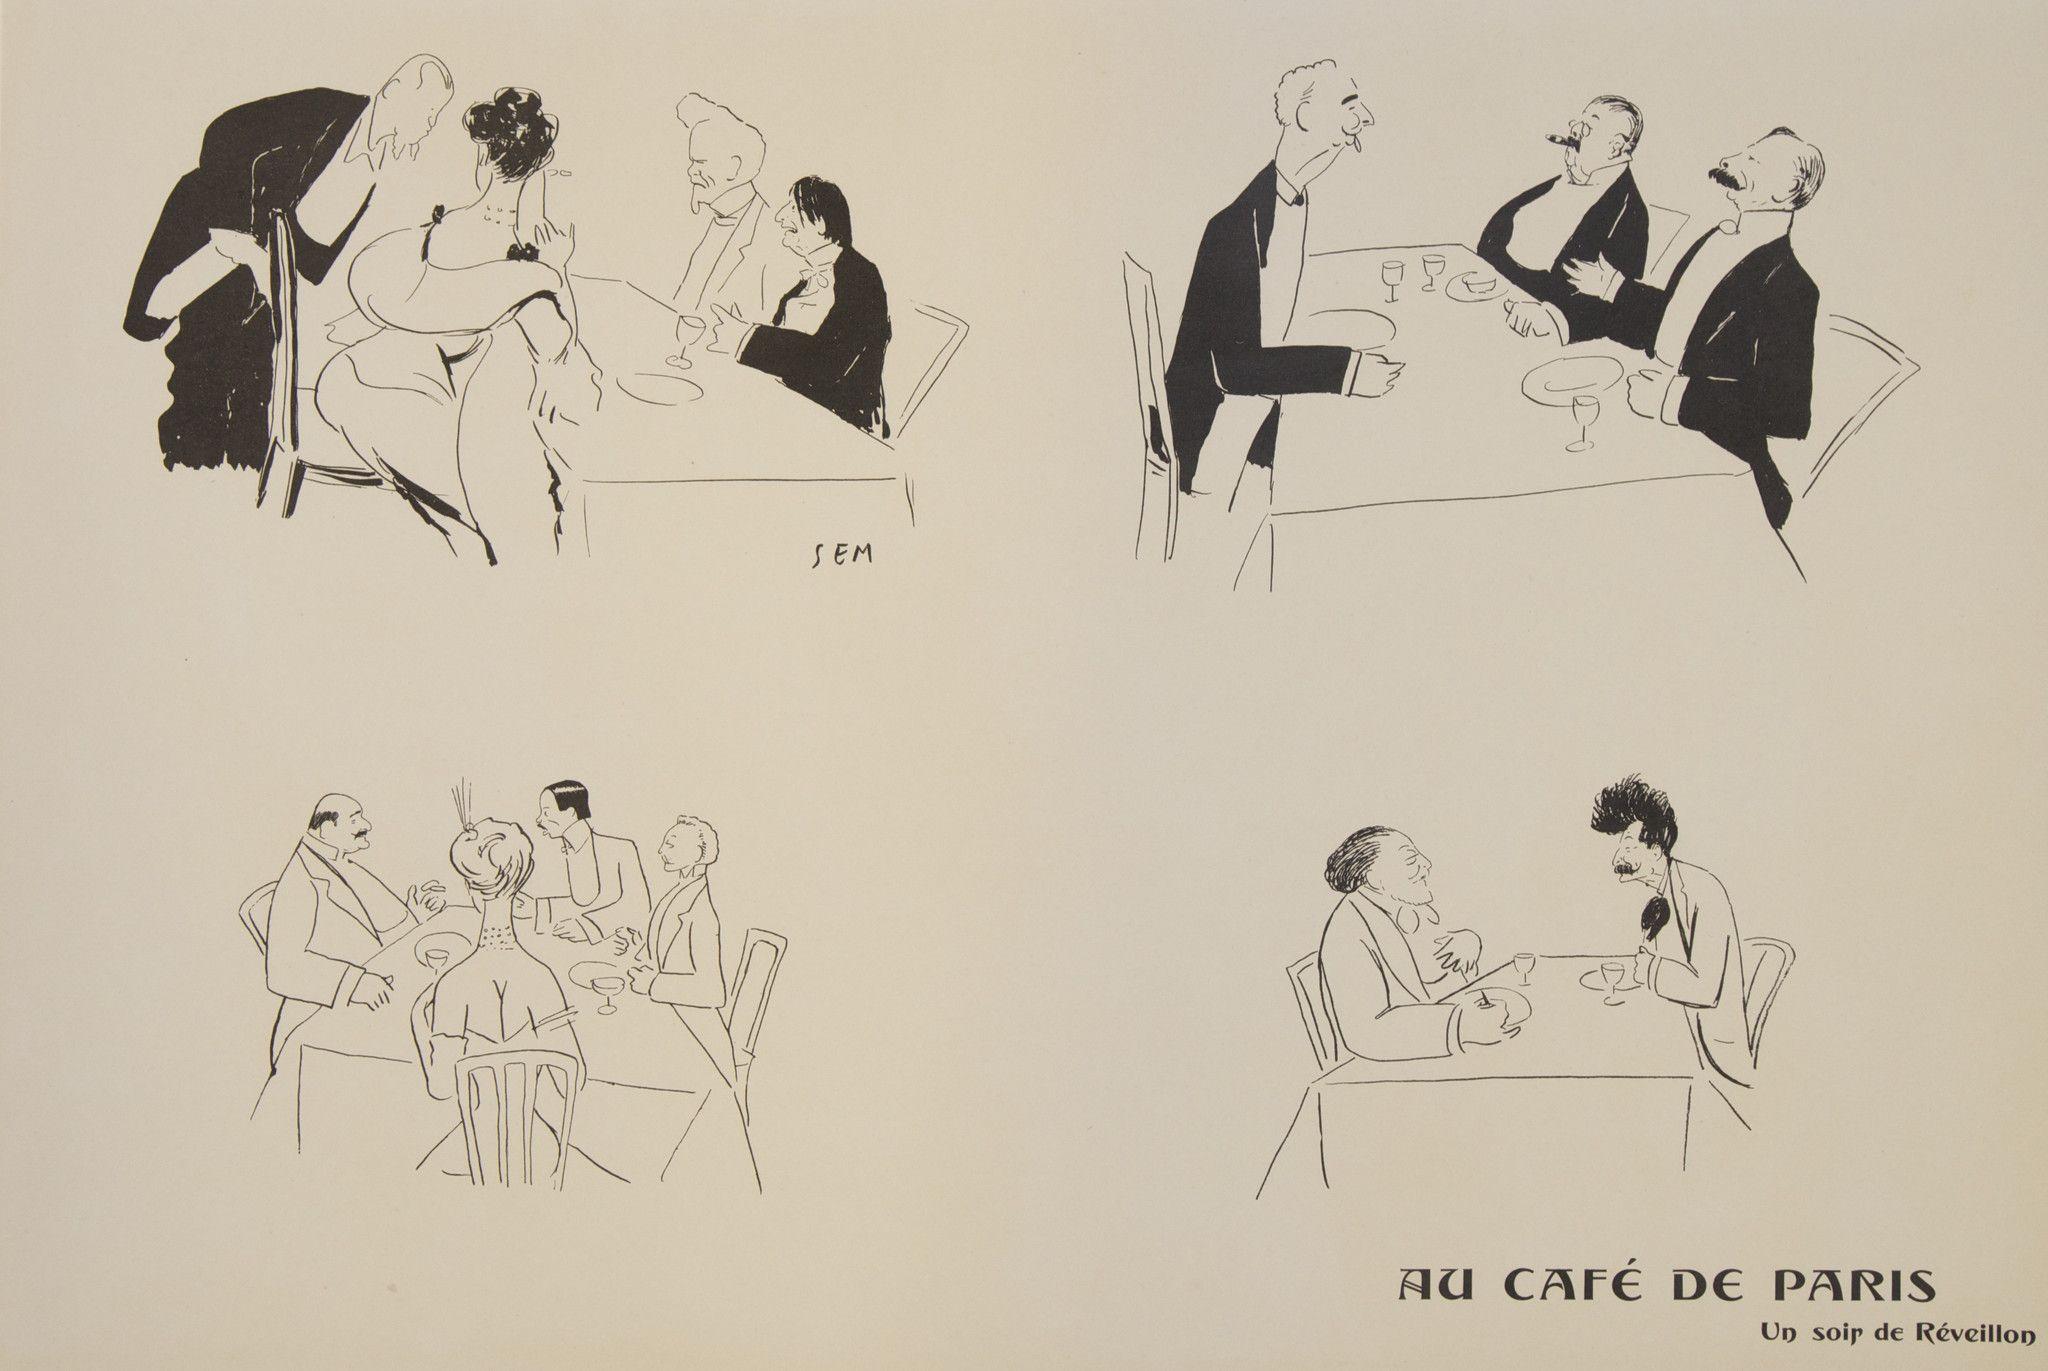 Au Cafe de Paris ~ Sem (Georges Goursat)